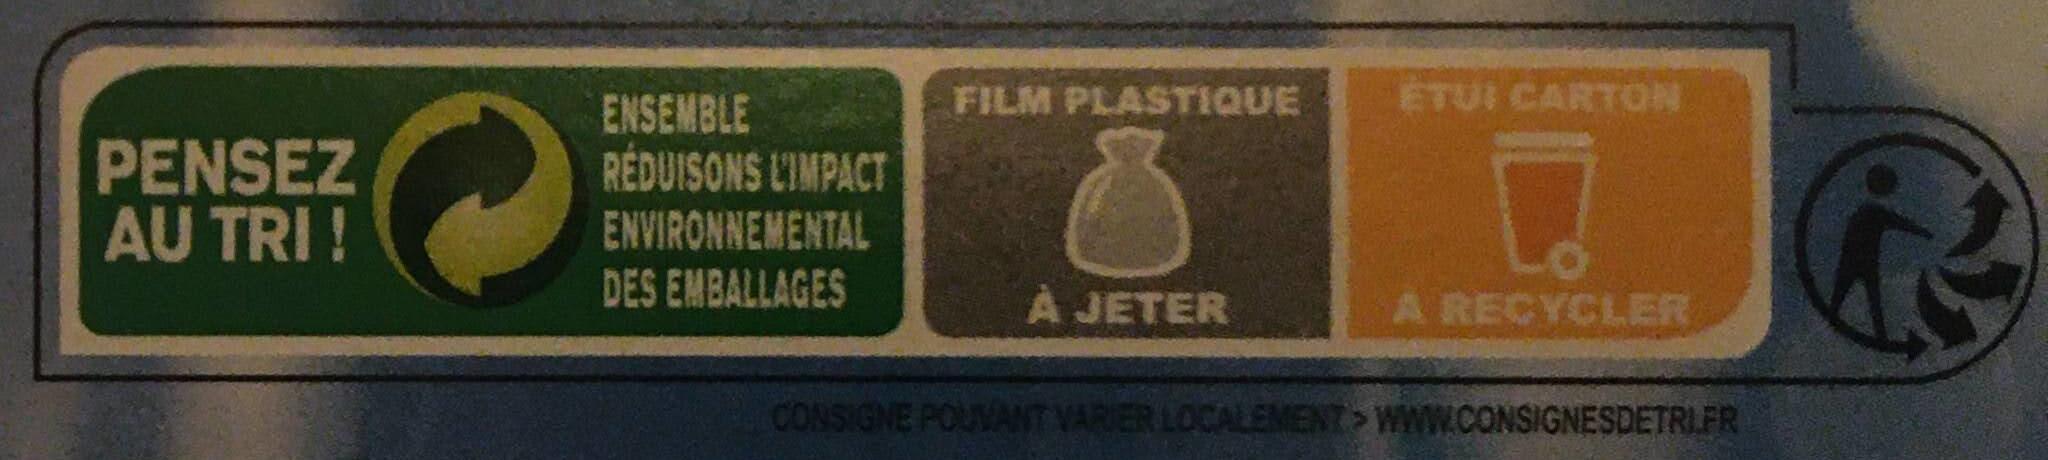 Coeurs de filets de cabillaud de l'Atlantique - Instruction de recyclage et/ou informations d'emballage - fr